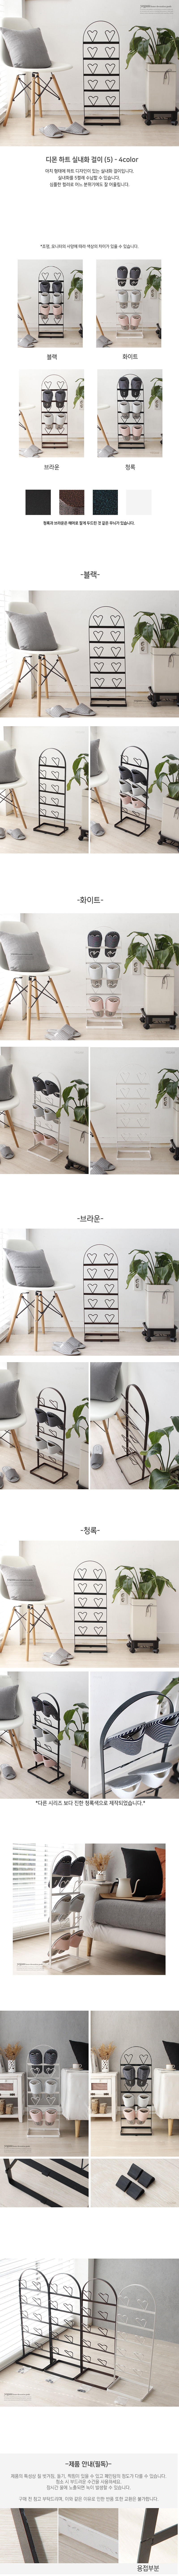 디몬 하트 실내화 걸이 (5) - 4color - 체리하우스, 33,400원, 수납/선반장, 신발정리대/신발장